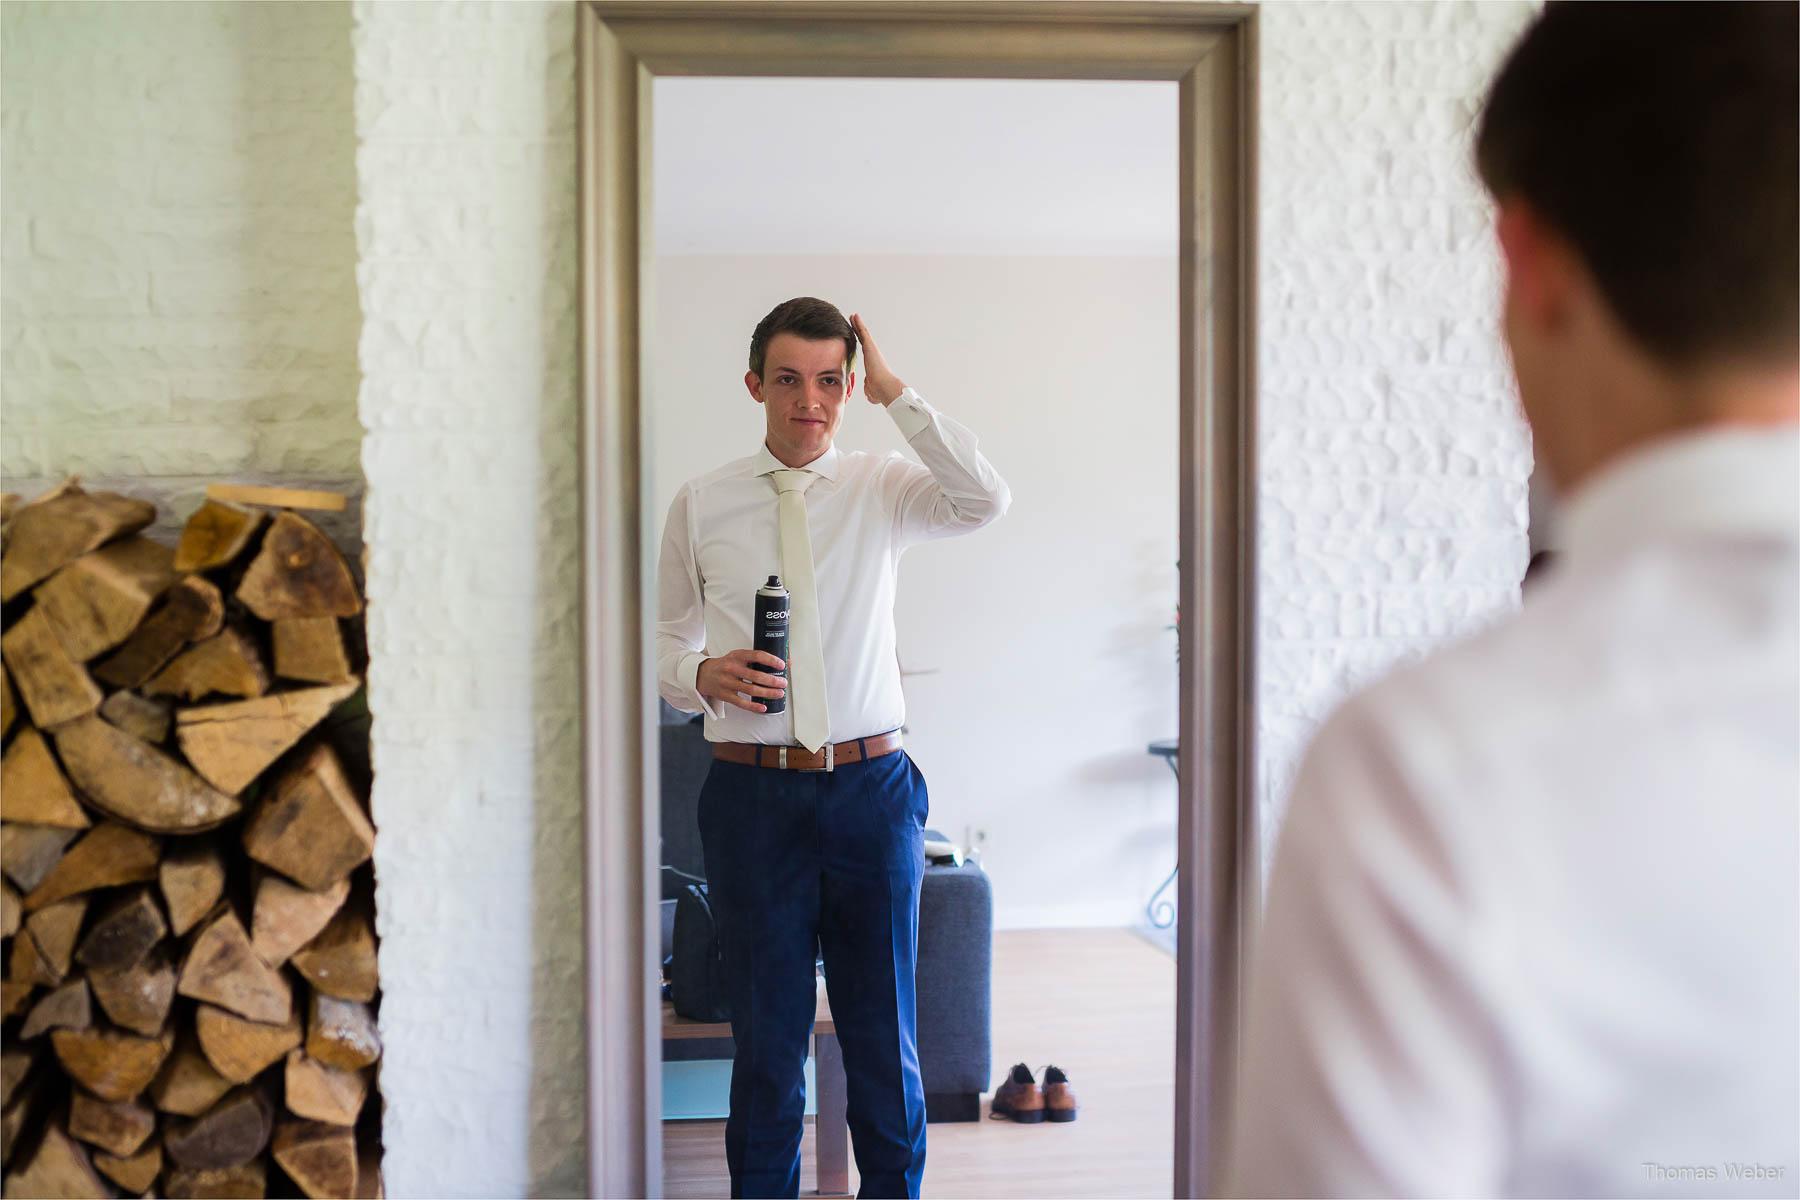 Vorbereitung des Bräutigams auf die Hochzeit, Hochzeitsfotograf Oldenburg, Thomas Weber